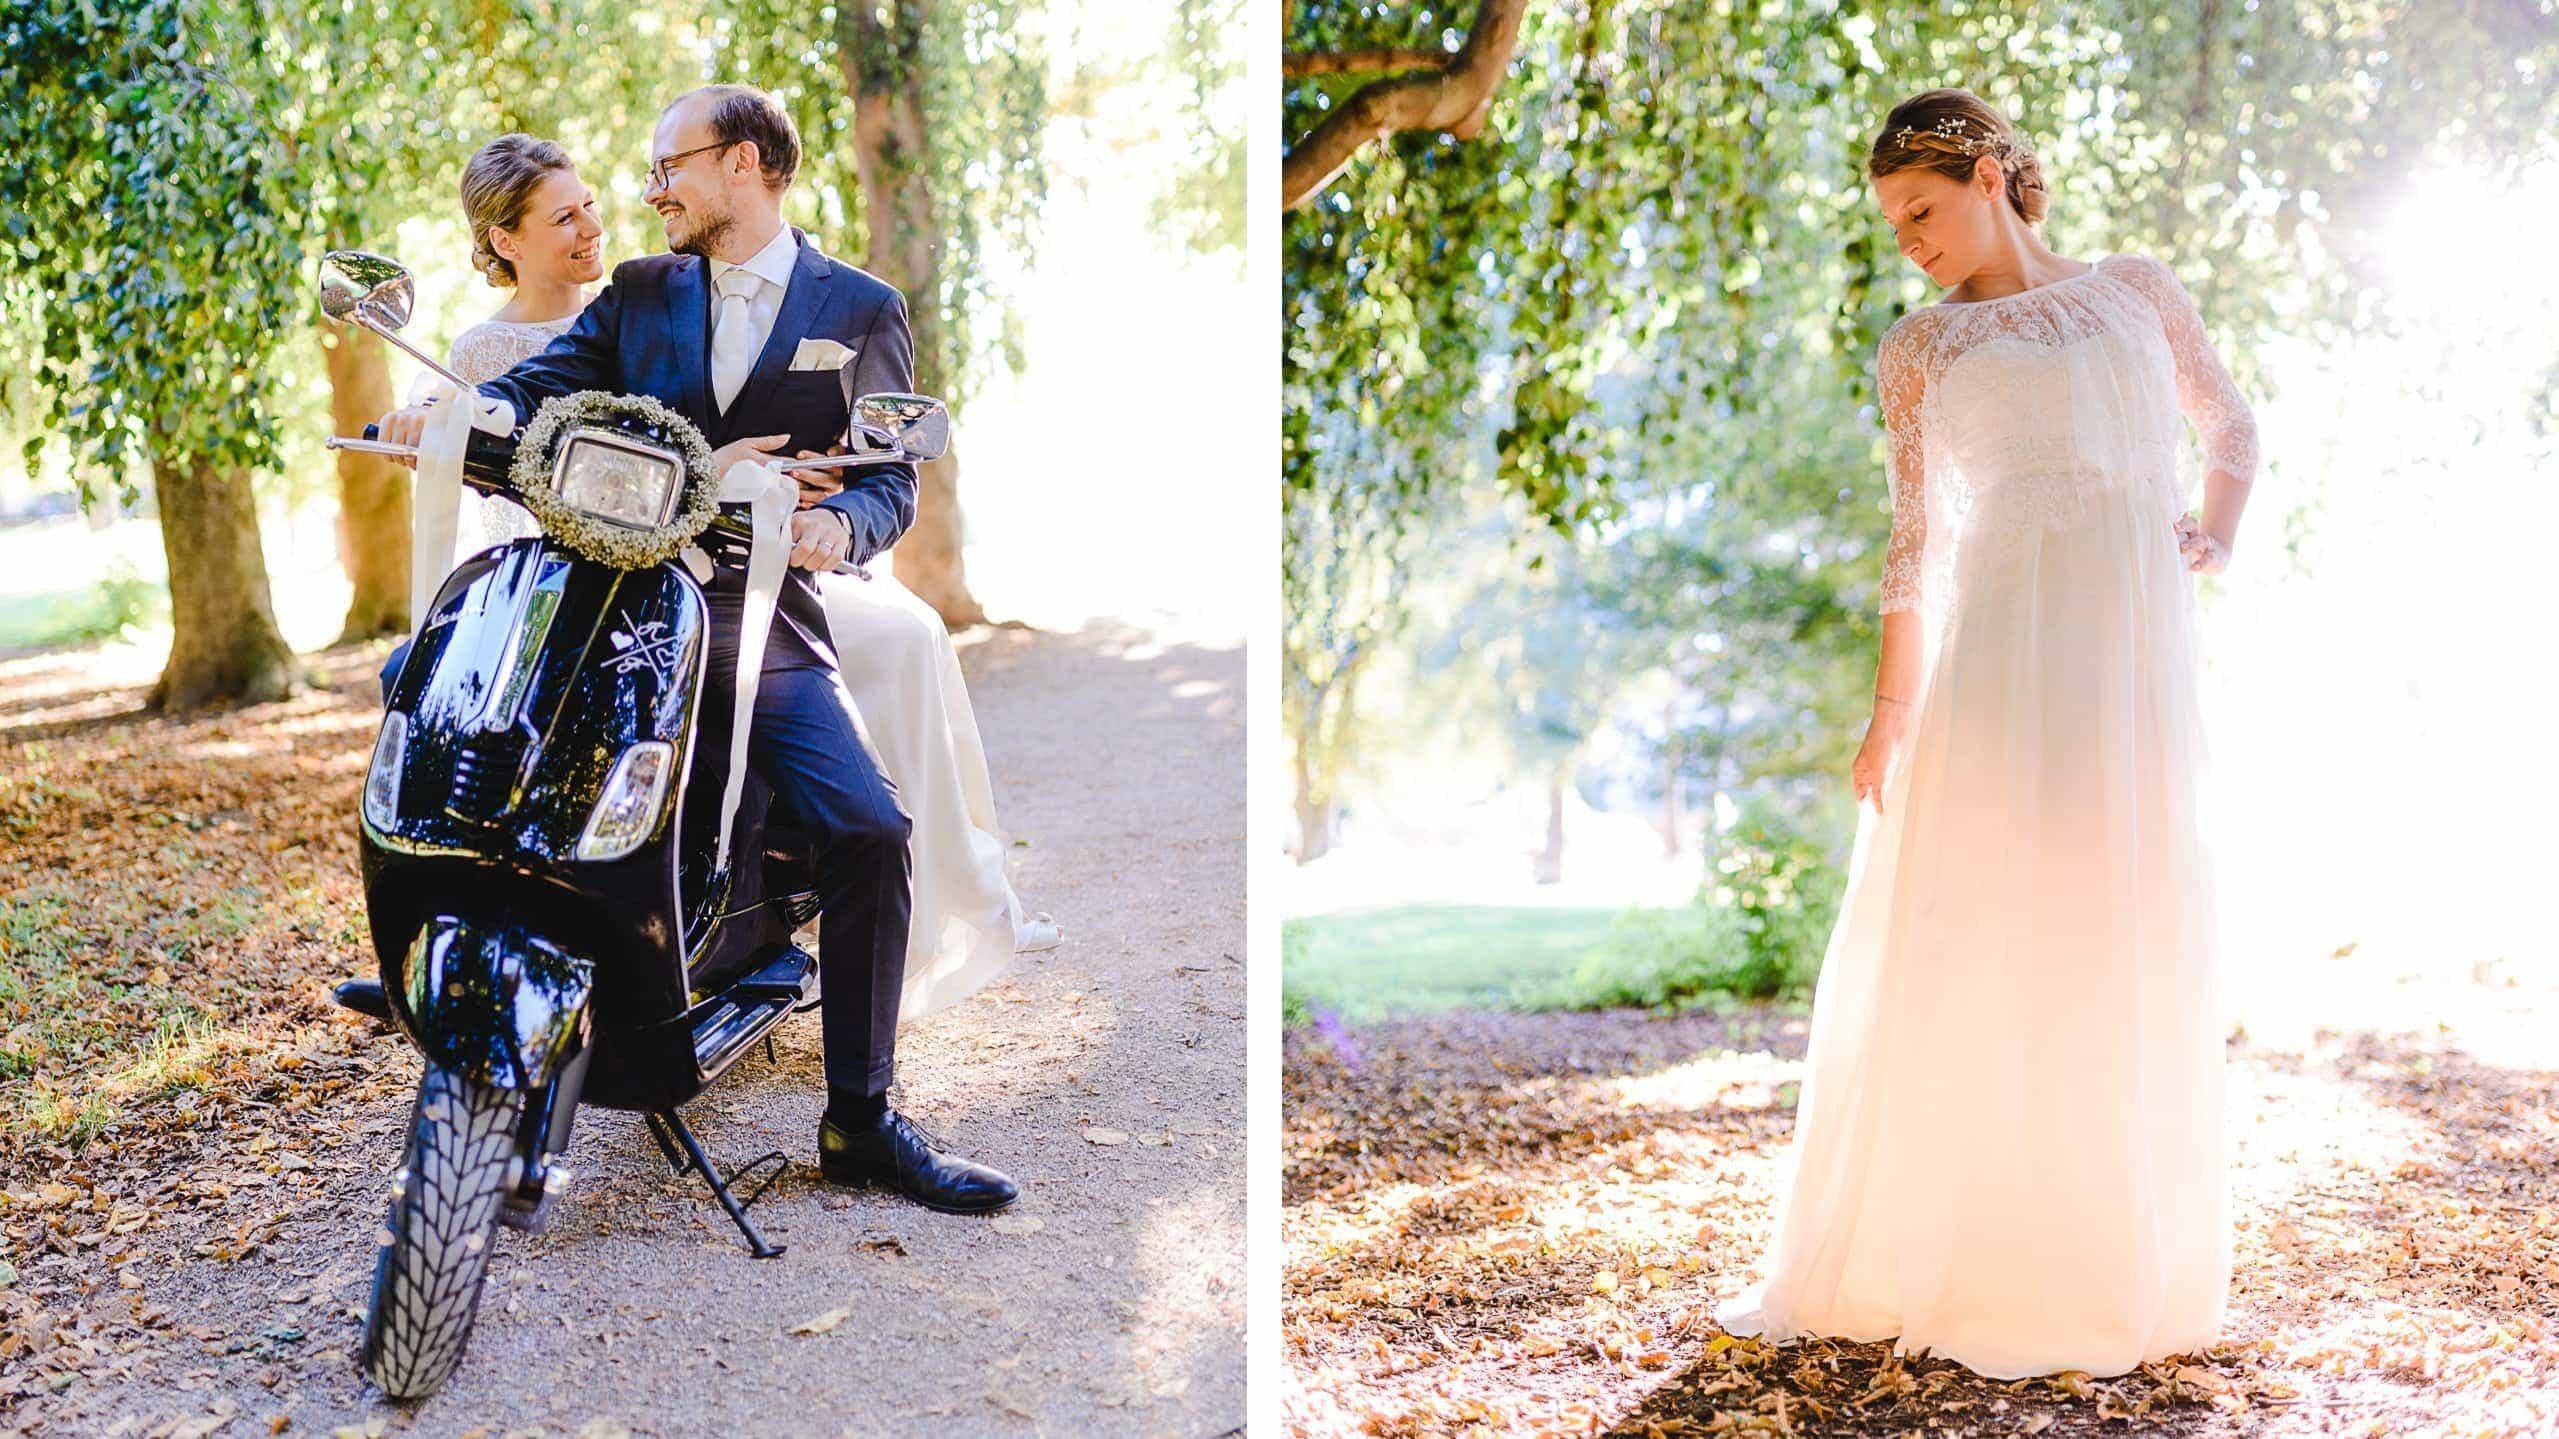 Hochzeitspaar auf Vespa und Abendsonne im Luitpoldpark in München, Braut mit Elfenkleid